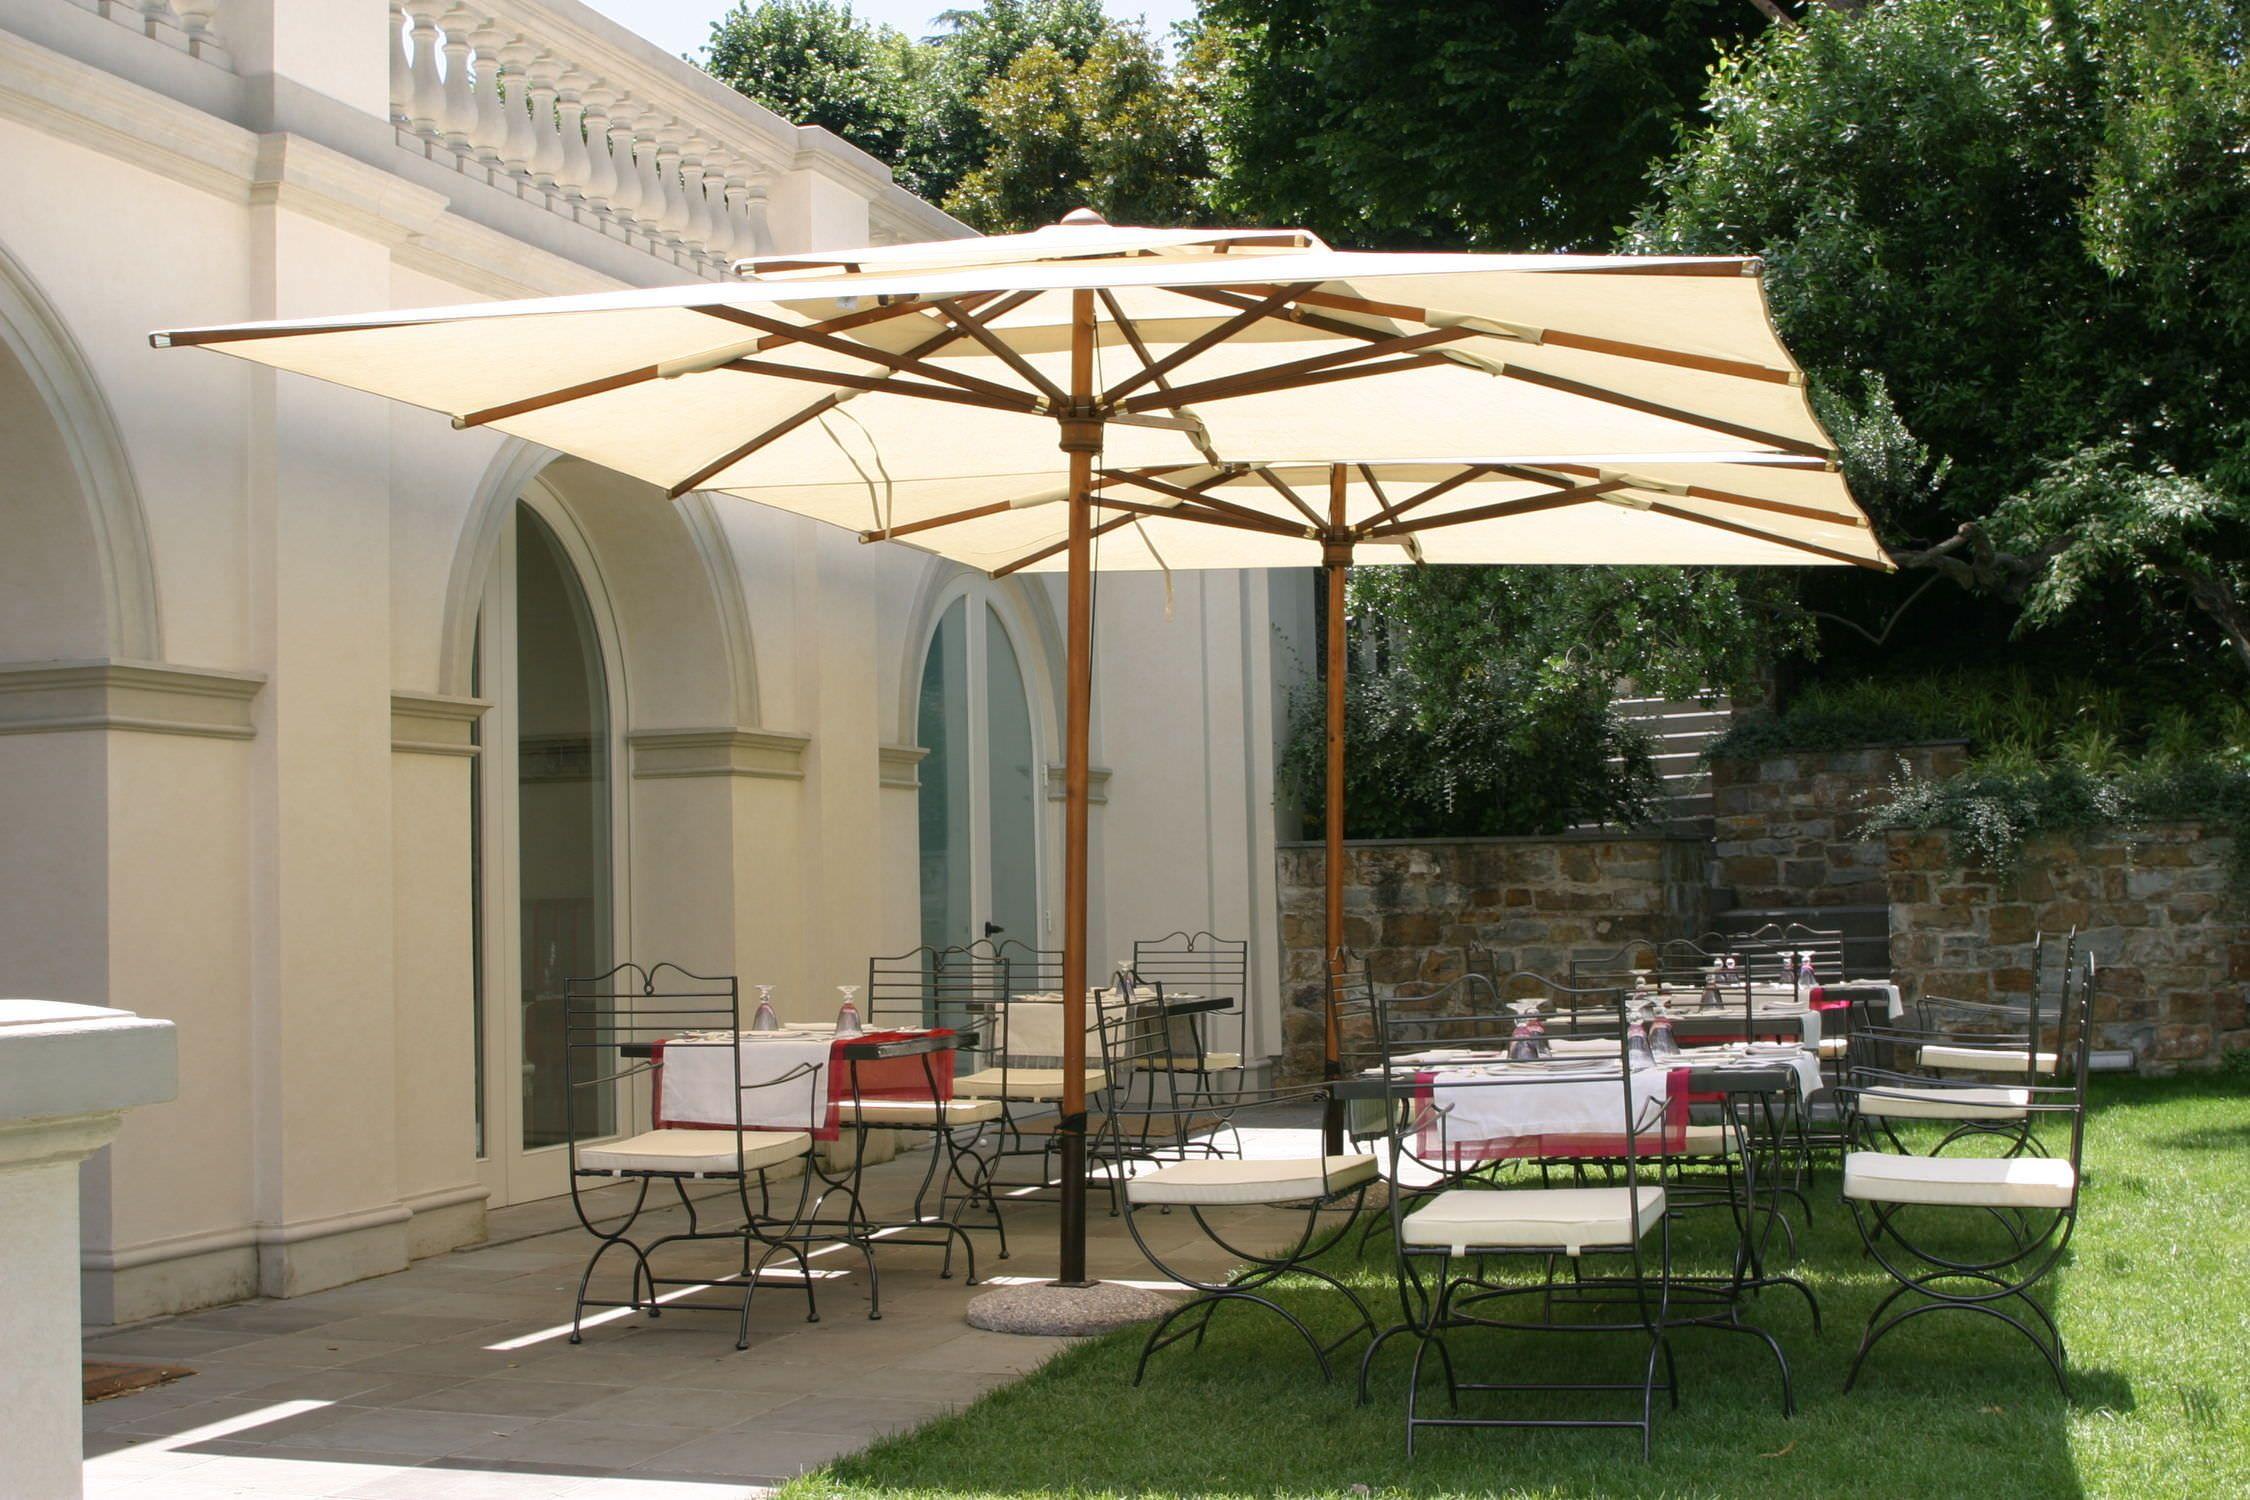 Aluminum fset Patio Umbrella Architecture